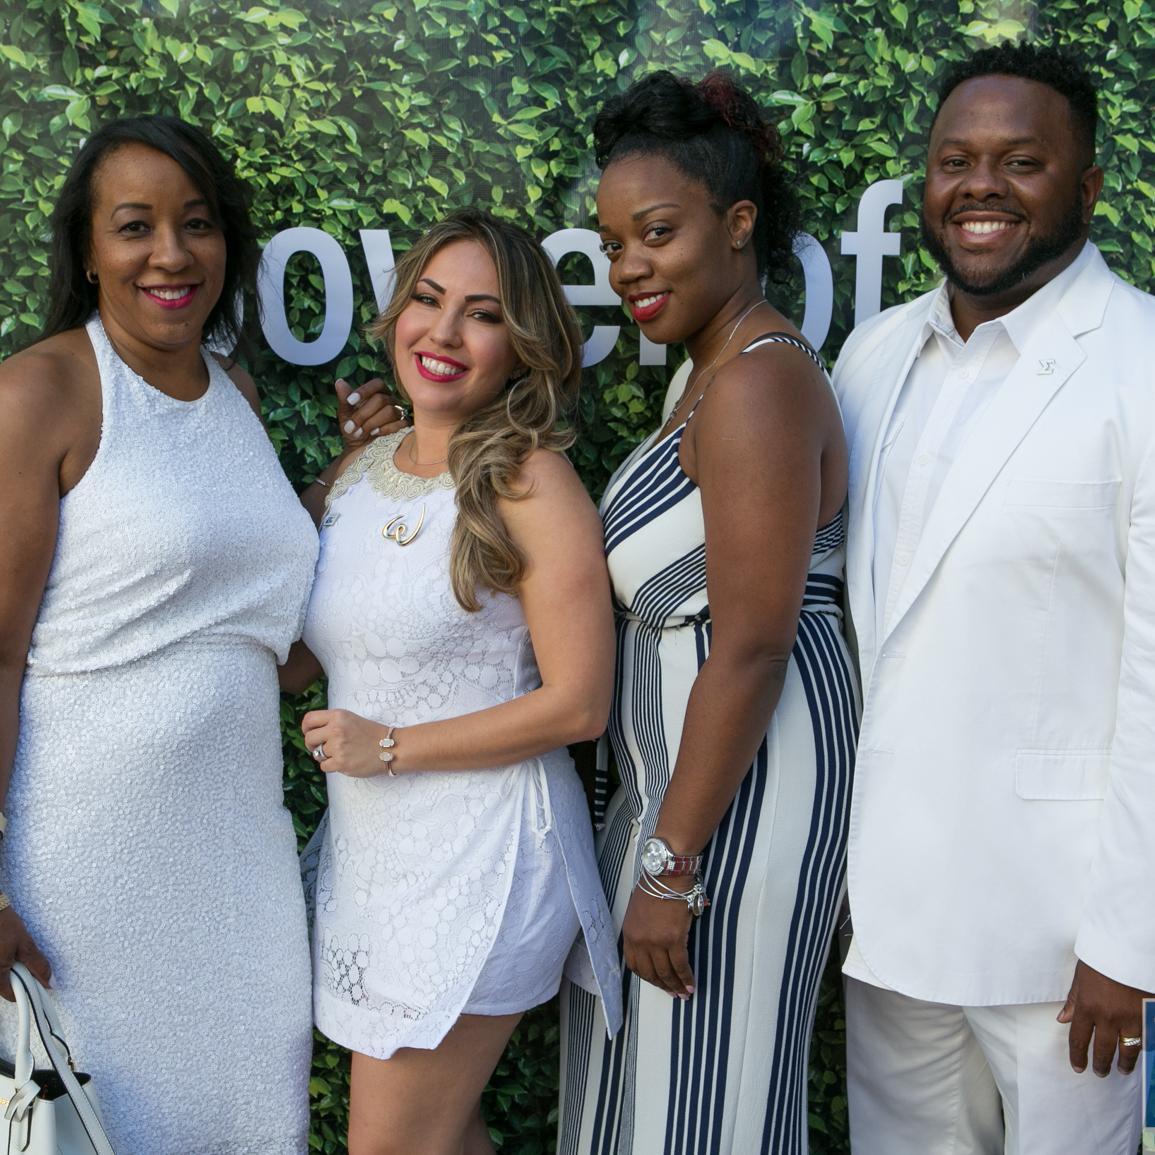 All White Affair